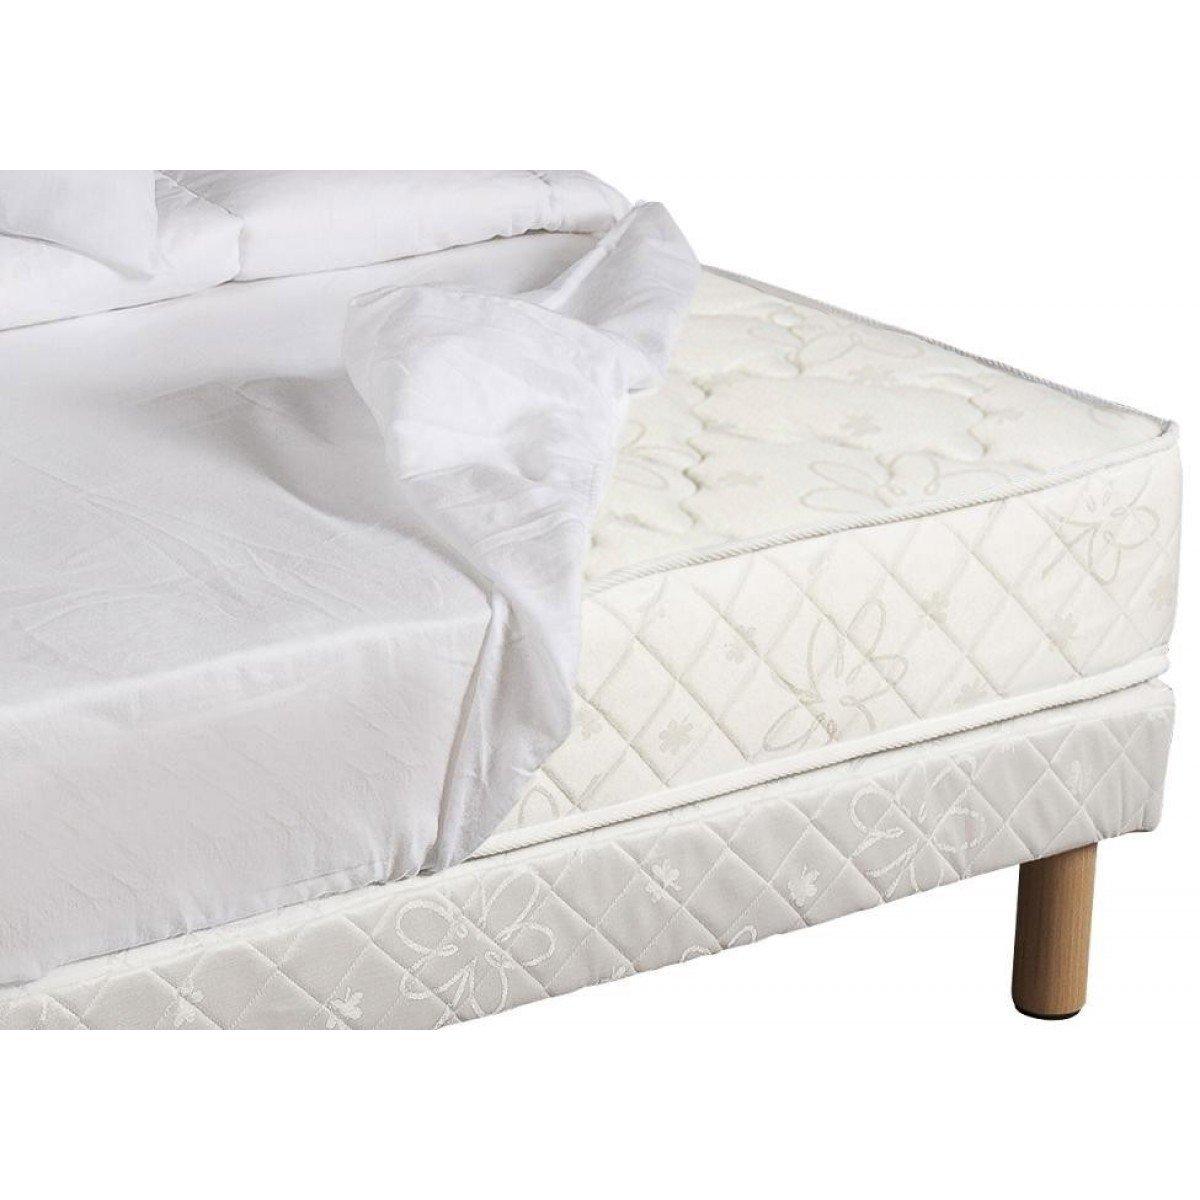 Revestimiento de colchones Moonilis blanco 100% algodón 27 cm 180 x 200: Amazon.es: Hogar